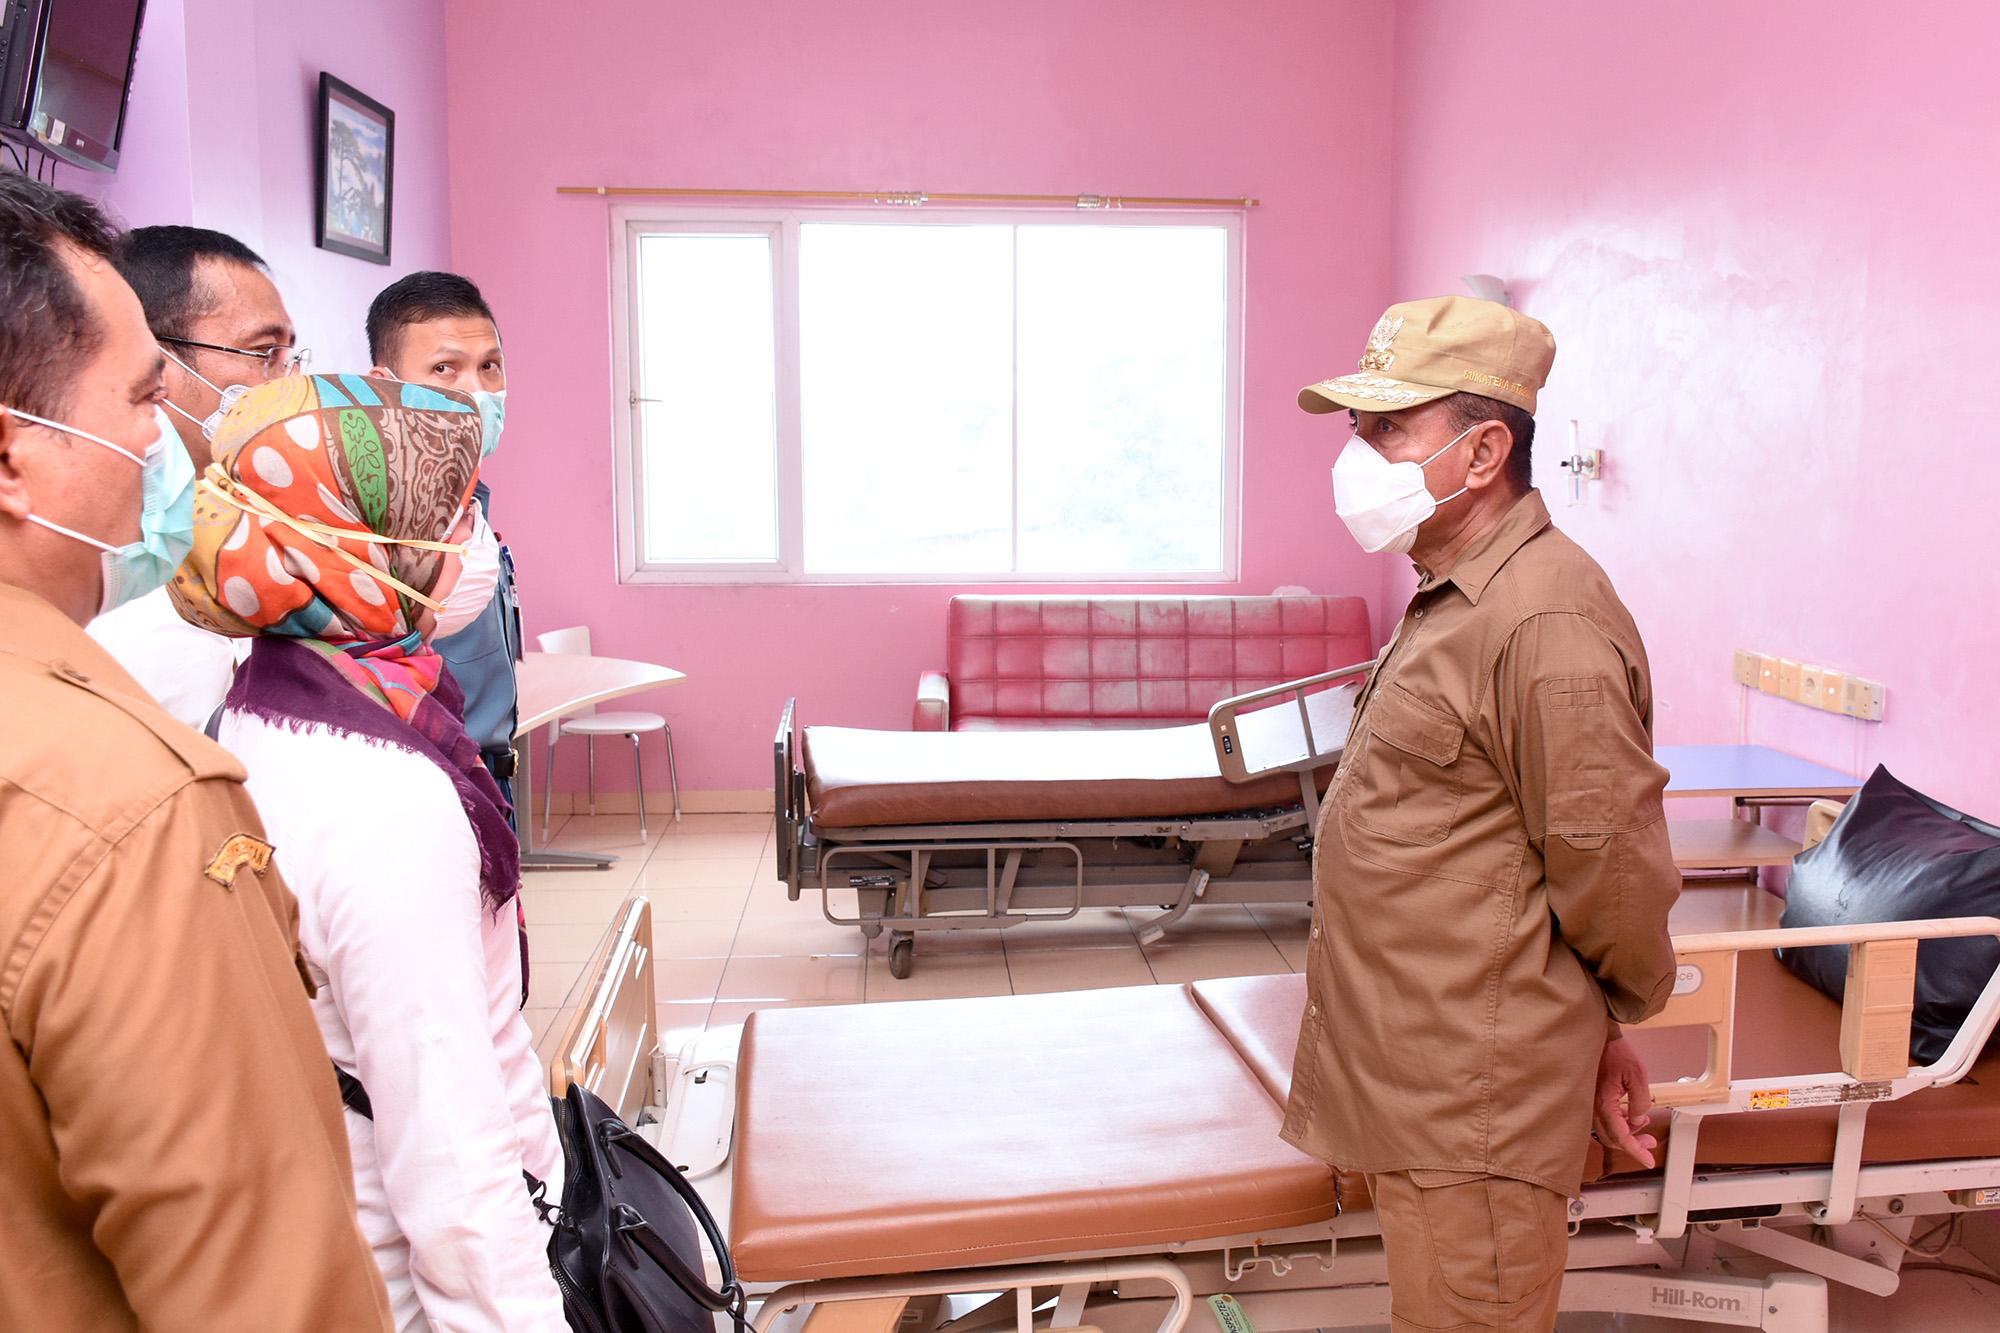 Gubernur Sumut, Edy Rahmayadi saat meninjau persiapan Rumah Sakit Martha Friska II yang merupakan Rumah Sakit Rujukan. Foto: Biro Humas dan Keprotokolan Setdaprov Sumut/ Imam Syahputra